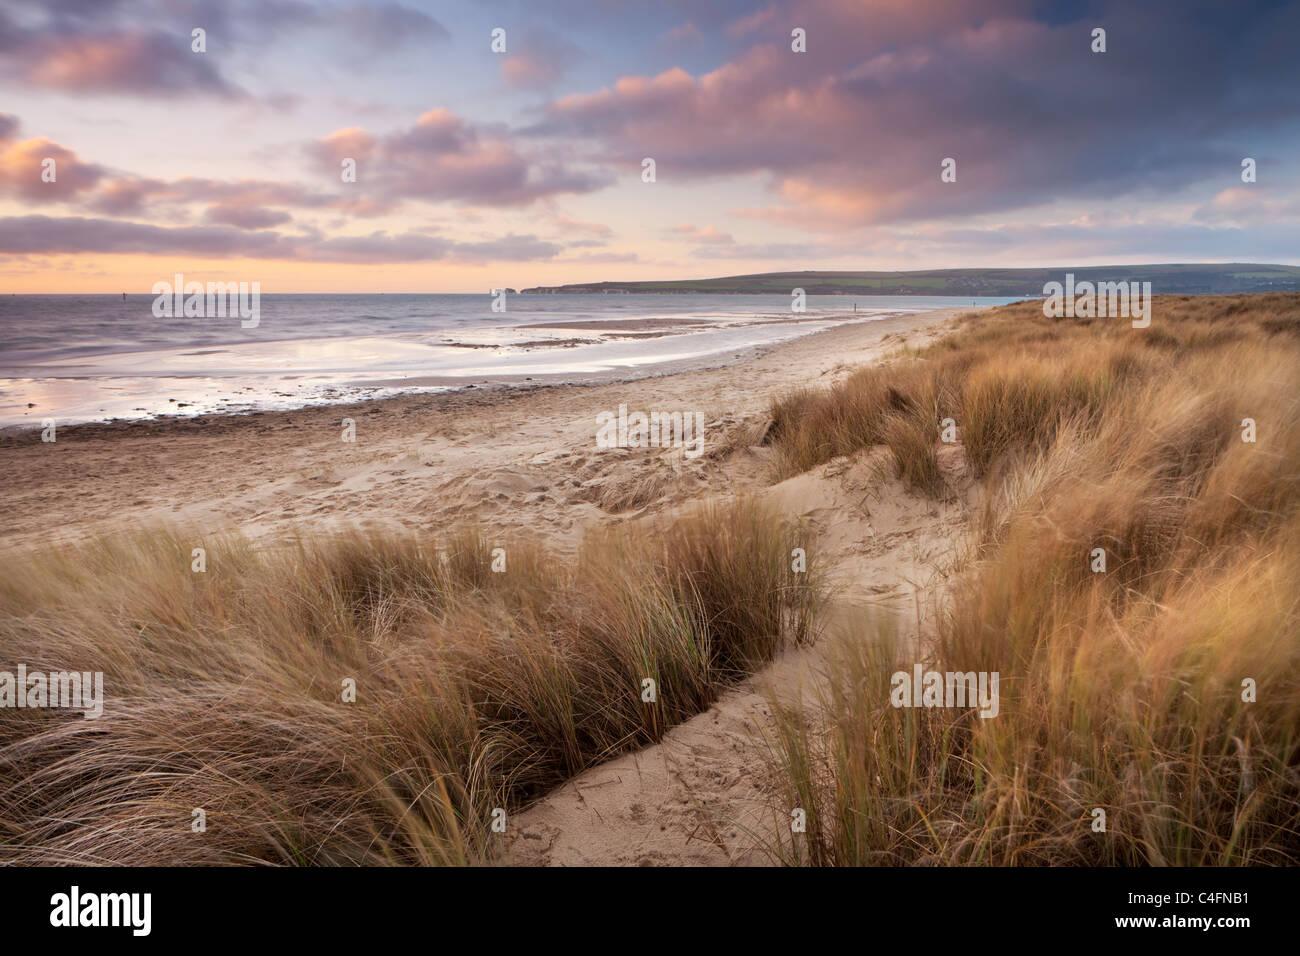 Ventoso dune di sabbia sulla spiaggia di Studland Bay, Dorset, Inghilterra. Inverno (febbraio) 2011. Immagini Stock